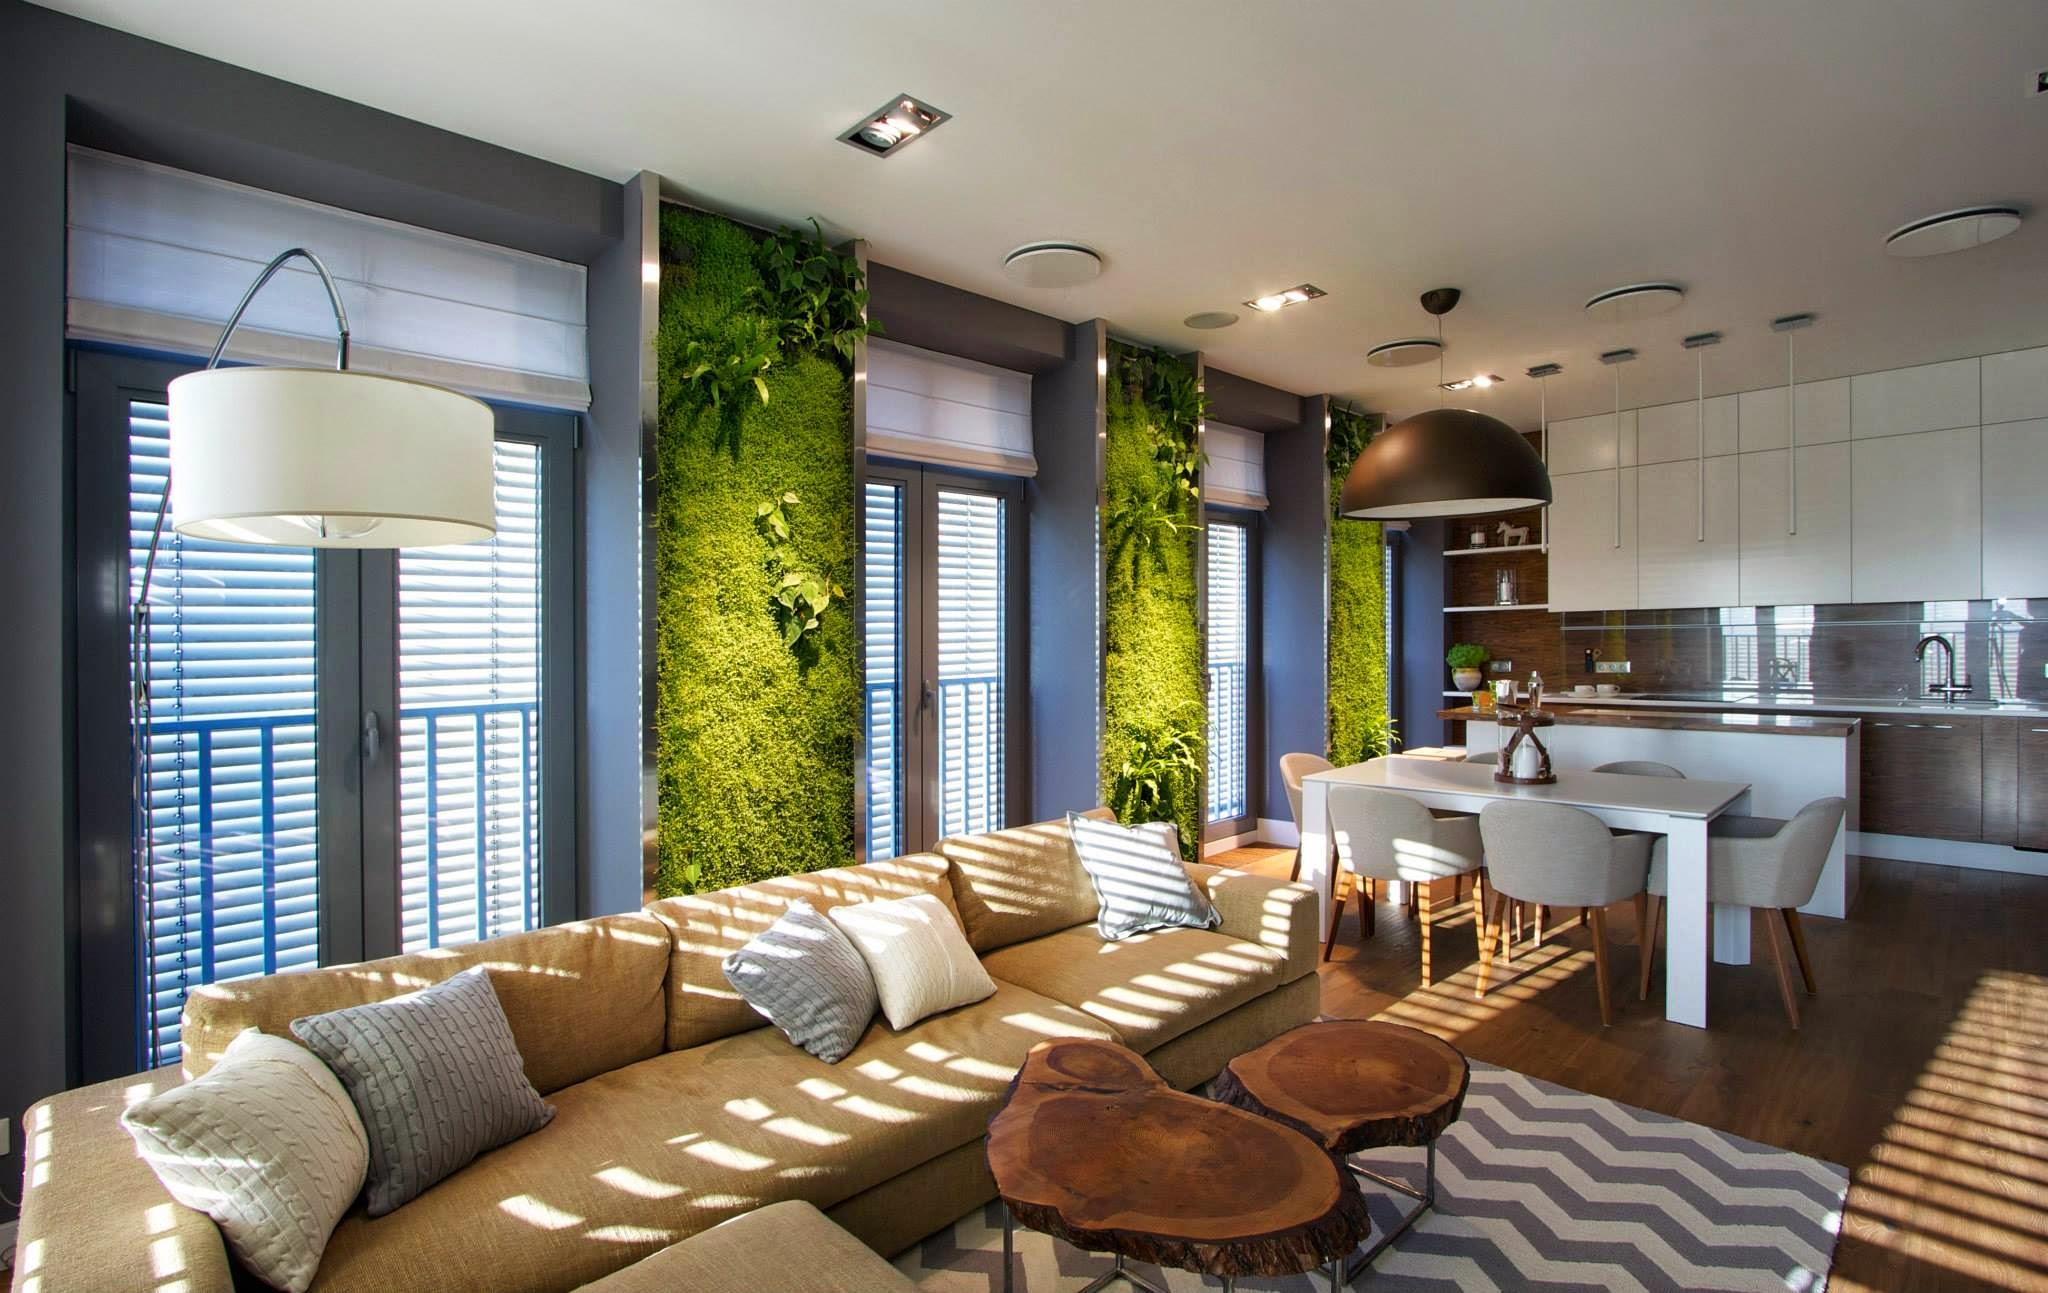 Дизайн однокомнатной квартиры в стиле эко